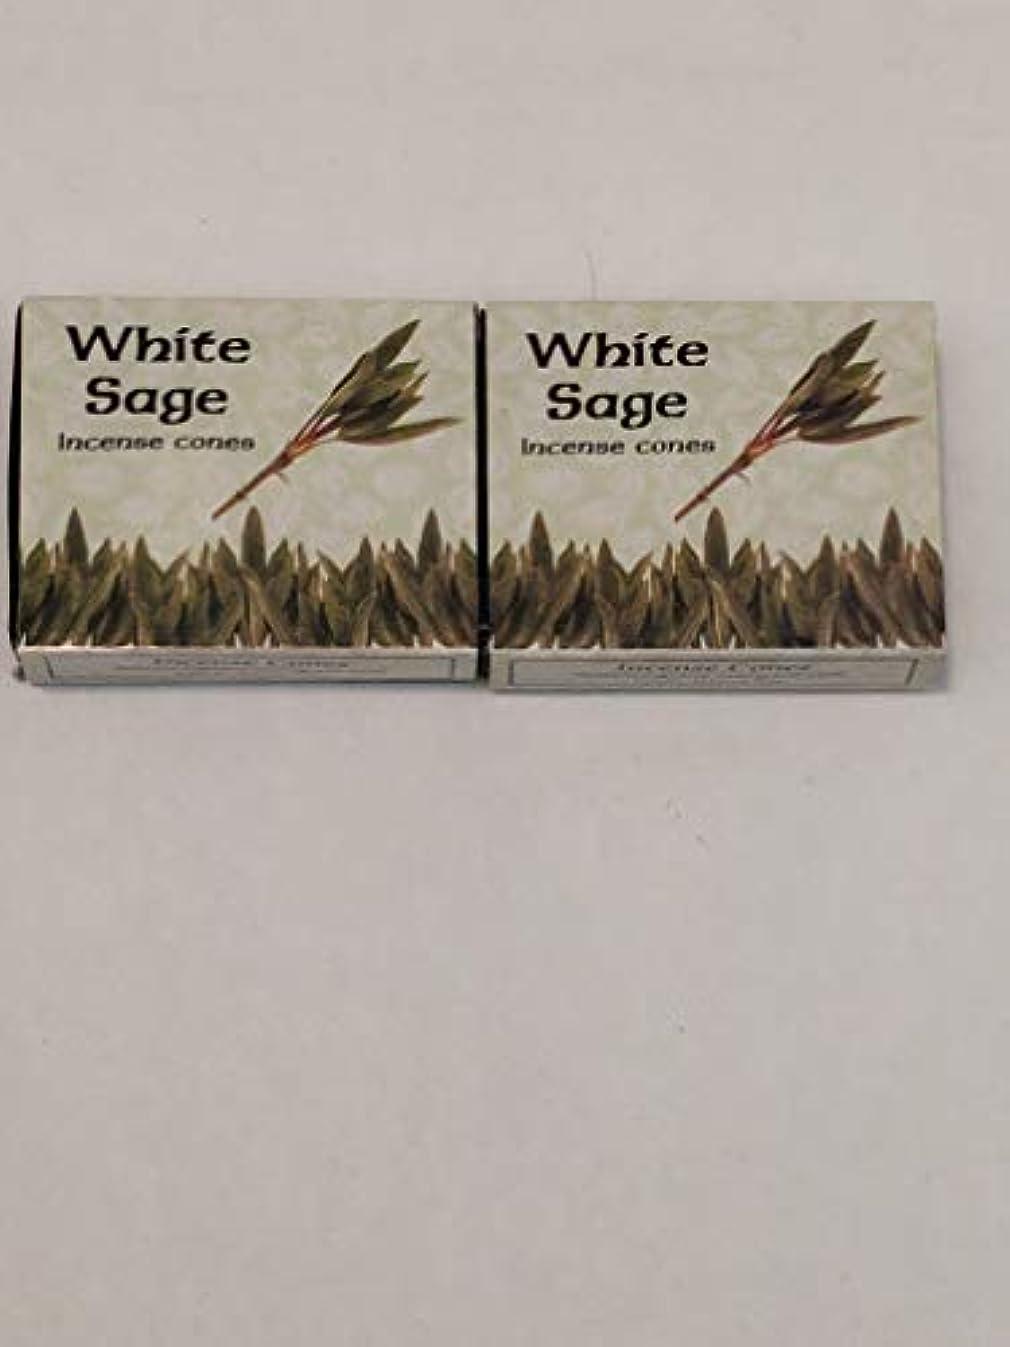 祖父母を訪問製品隙間Kamini ホワイトセージ線香 マルチパック 2 Packs (20 Cones) ブラウン